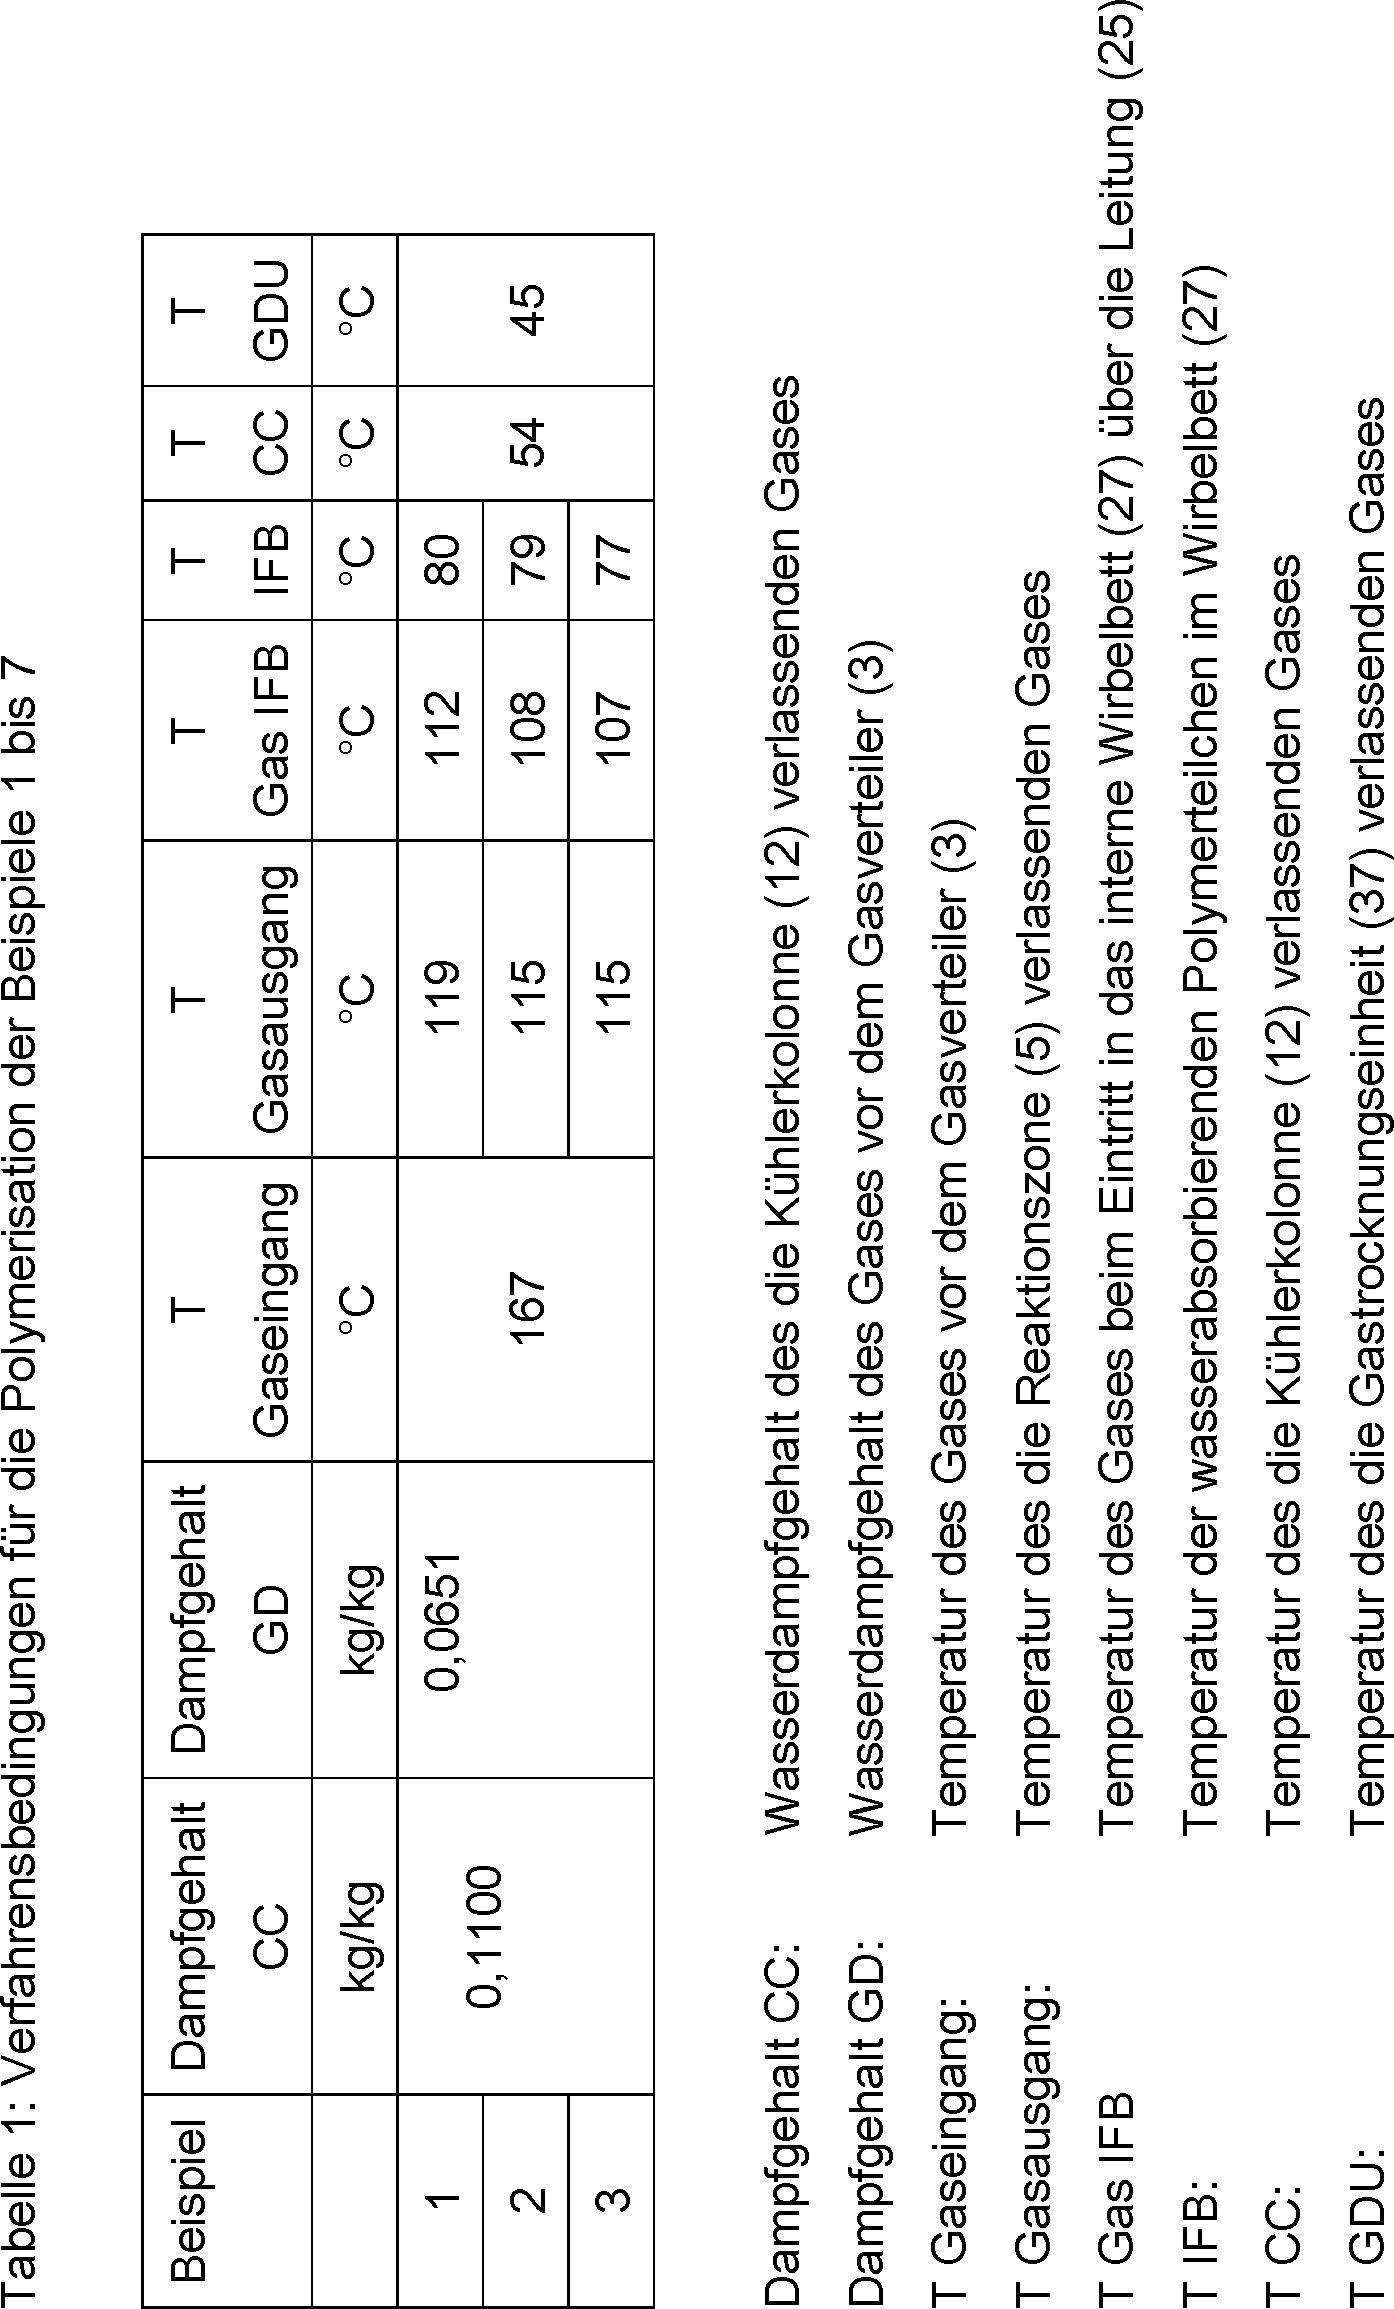 Figure DE102017205367A1_0003